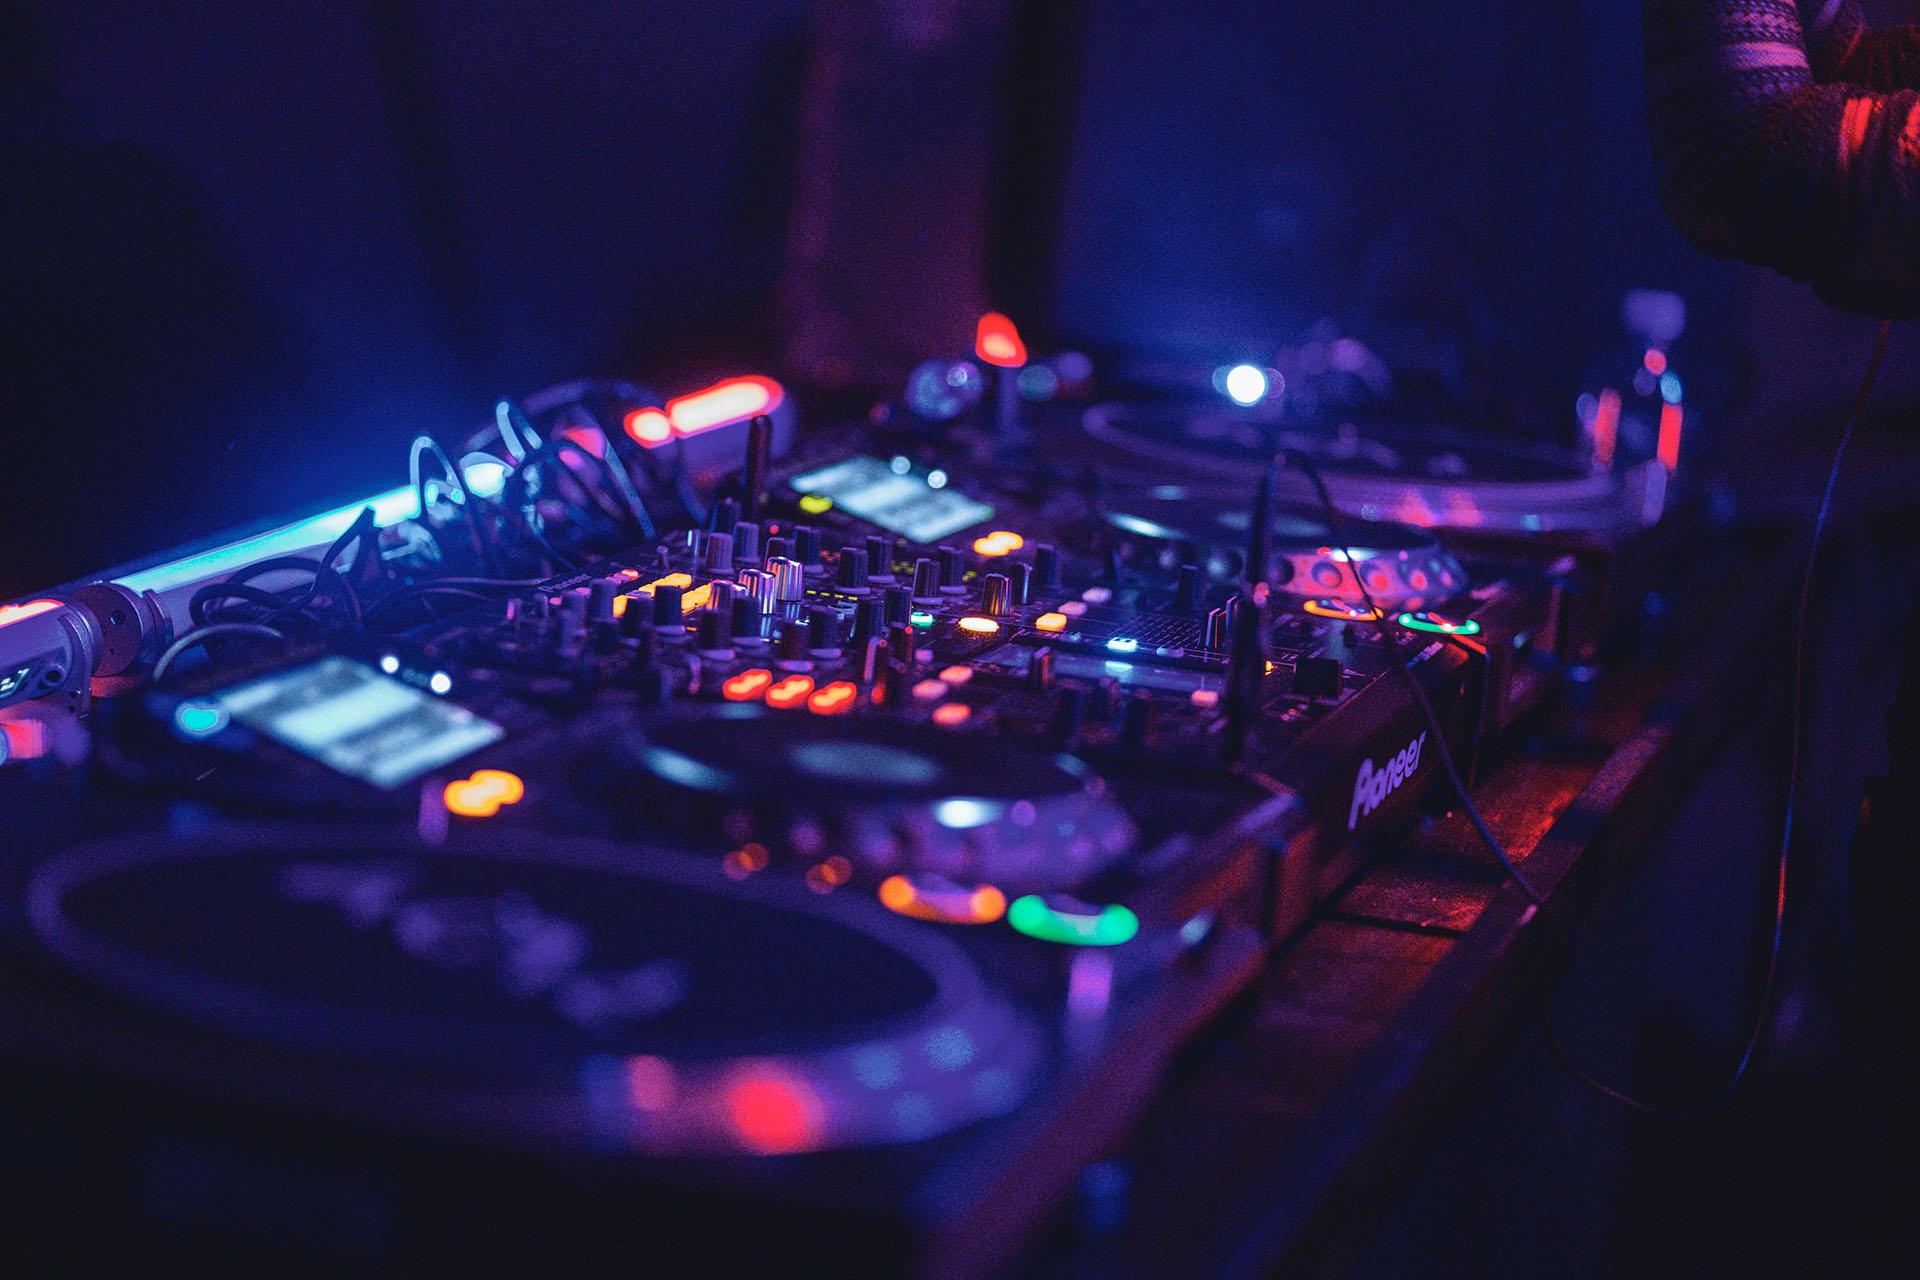 sonorisation d'évènement privés et professionnels dans la région lyonaise Art'Song